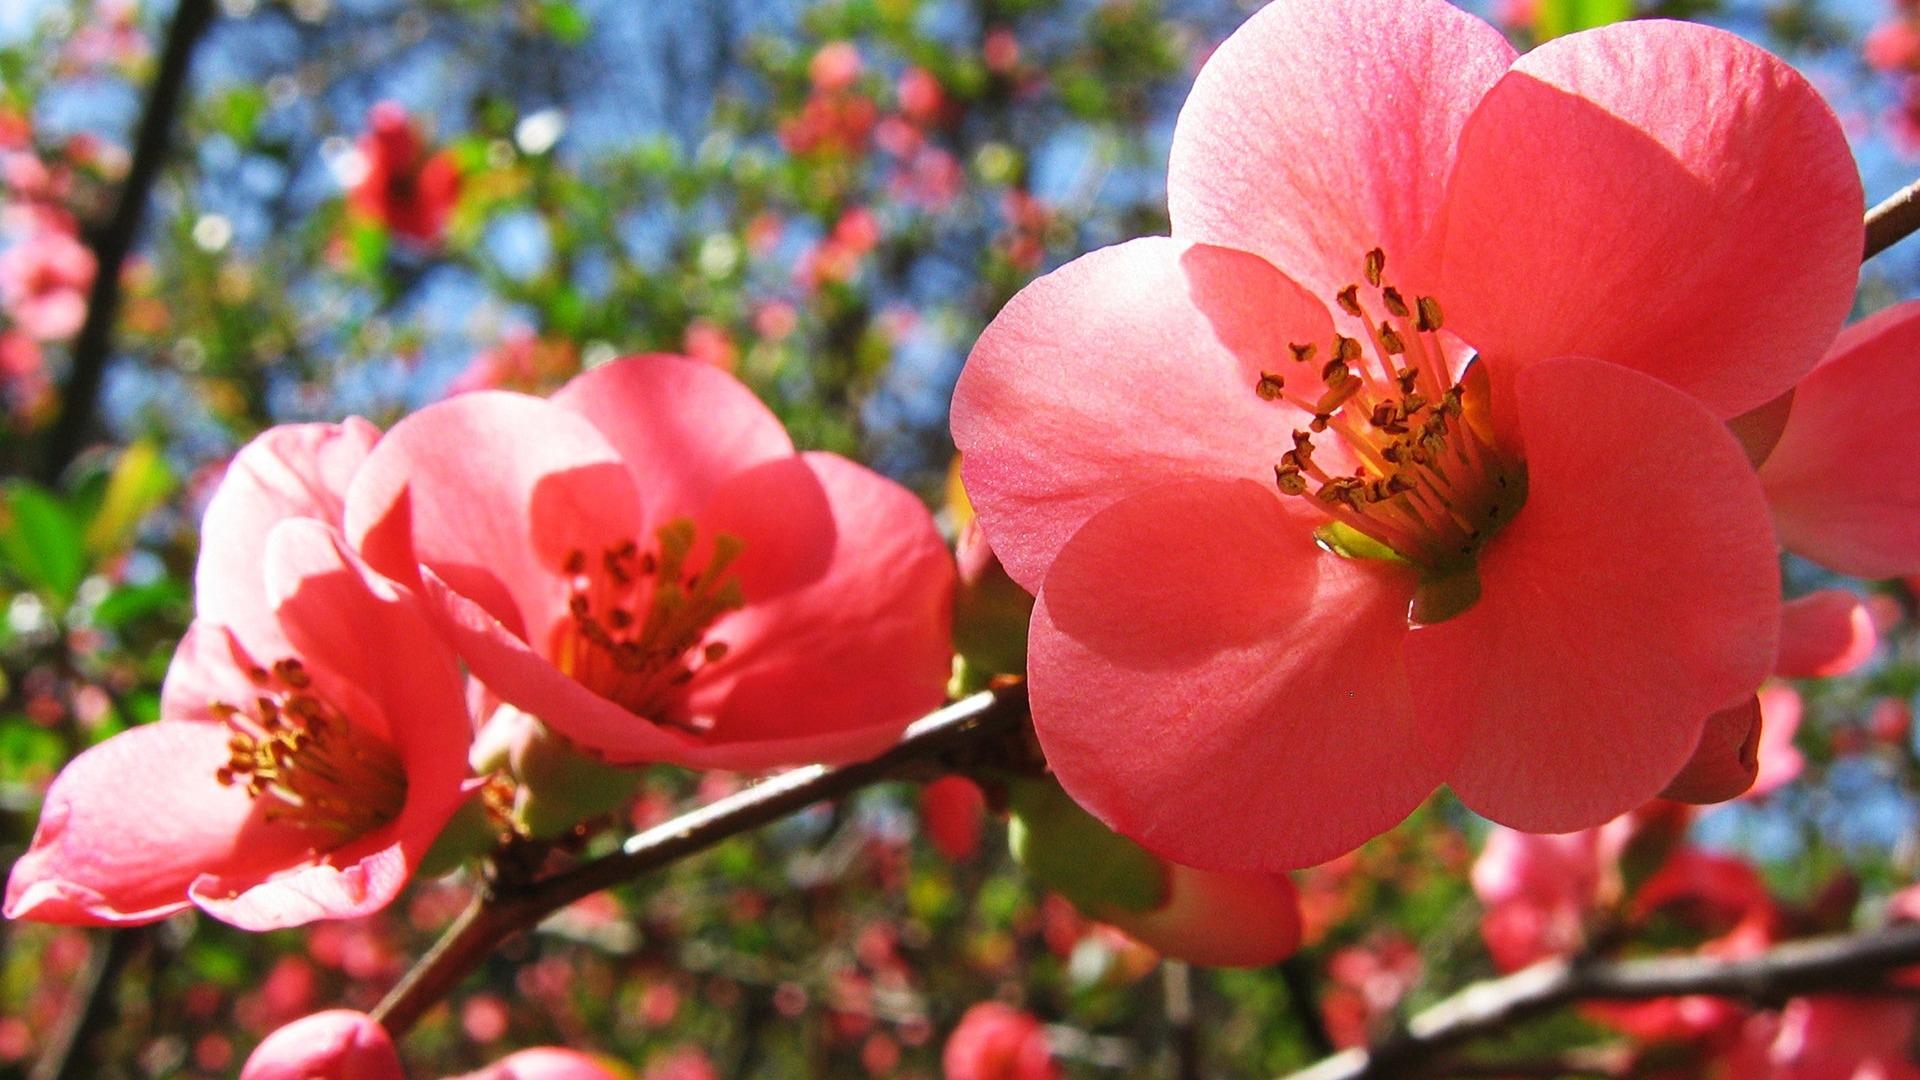 Fleurs de cerisier t fleurs fond d 39 cran 1920x1080 for Fond ecran ete fleurs